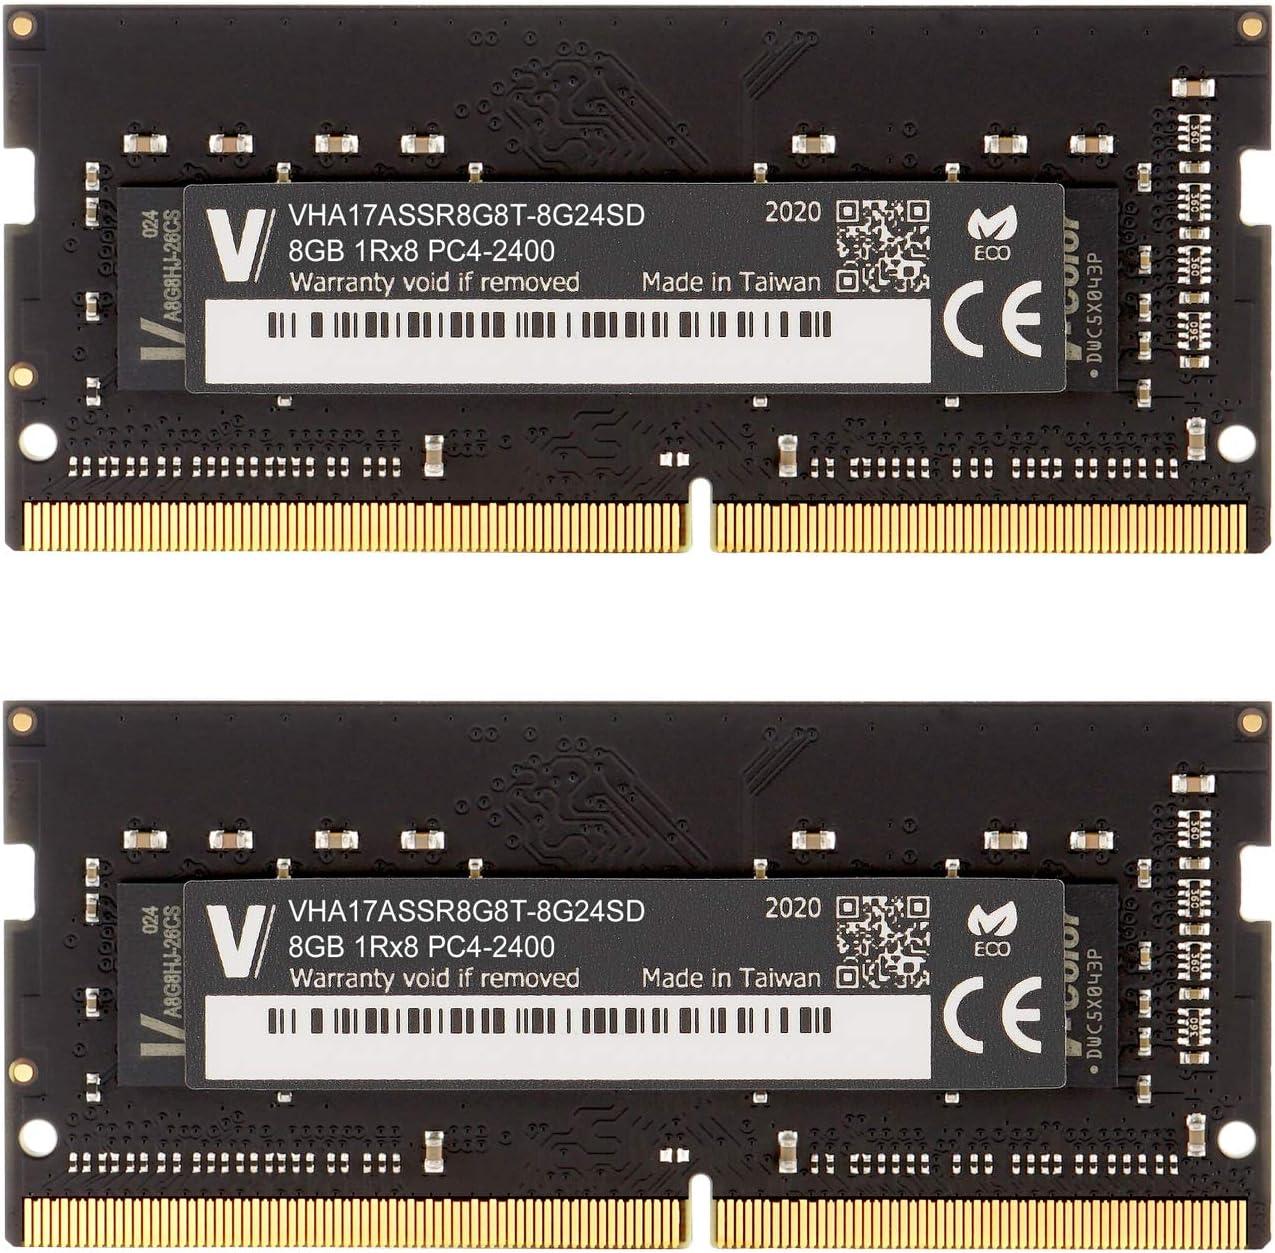 v-Color 16GB Kit(2x8GB) RAM 2400MHz (PC4-19200) Upgrade for Apple iMac 2017 27-inch w/Retina 5K Display, 2017 iMac 21.5-inch w/Retina 4K or Non-Retina Display DDR4 CL17 1.2V SO-DIMM (TN48G24S817K-VC)